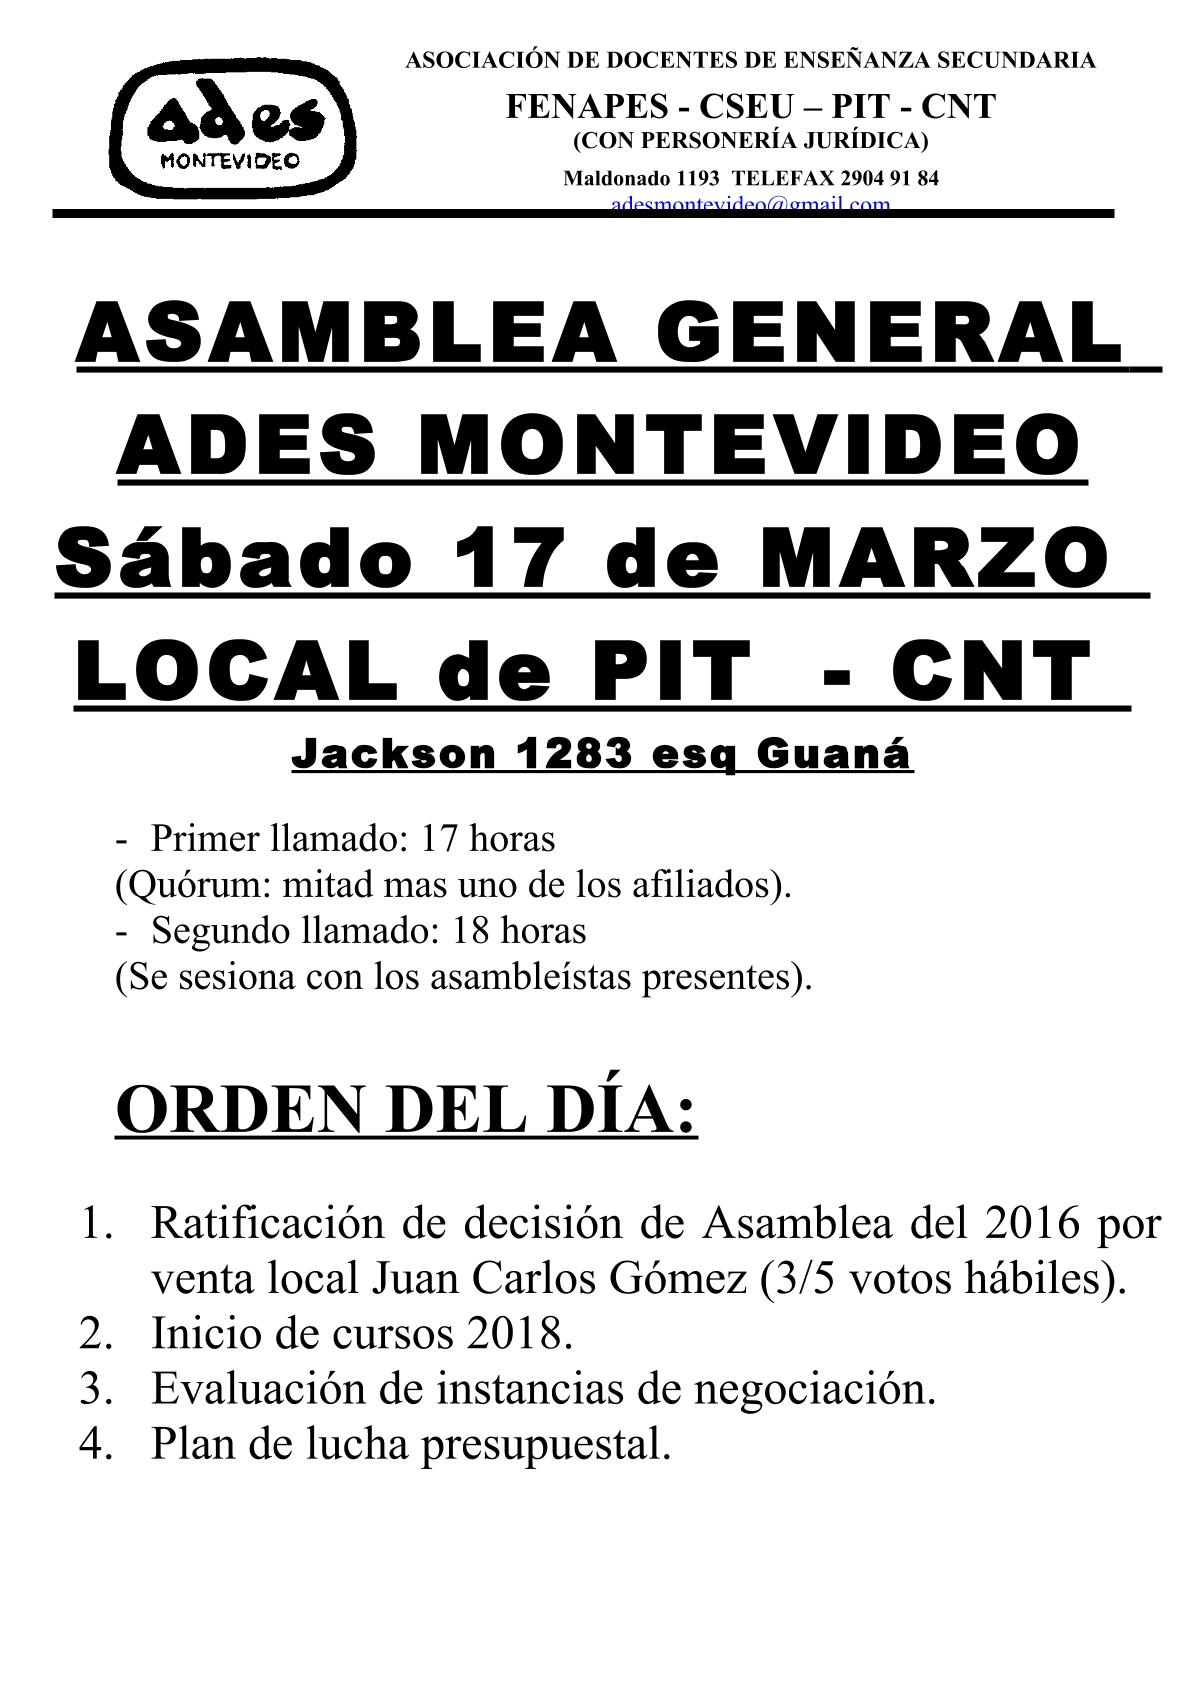 Sábado 17 de marzo: Asamblea General de ADES Montevideo